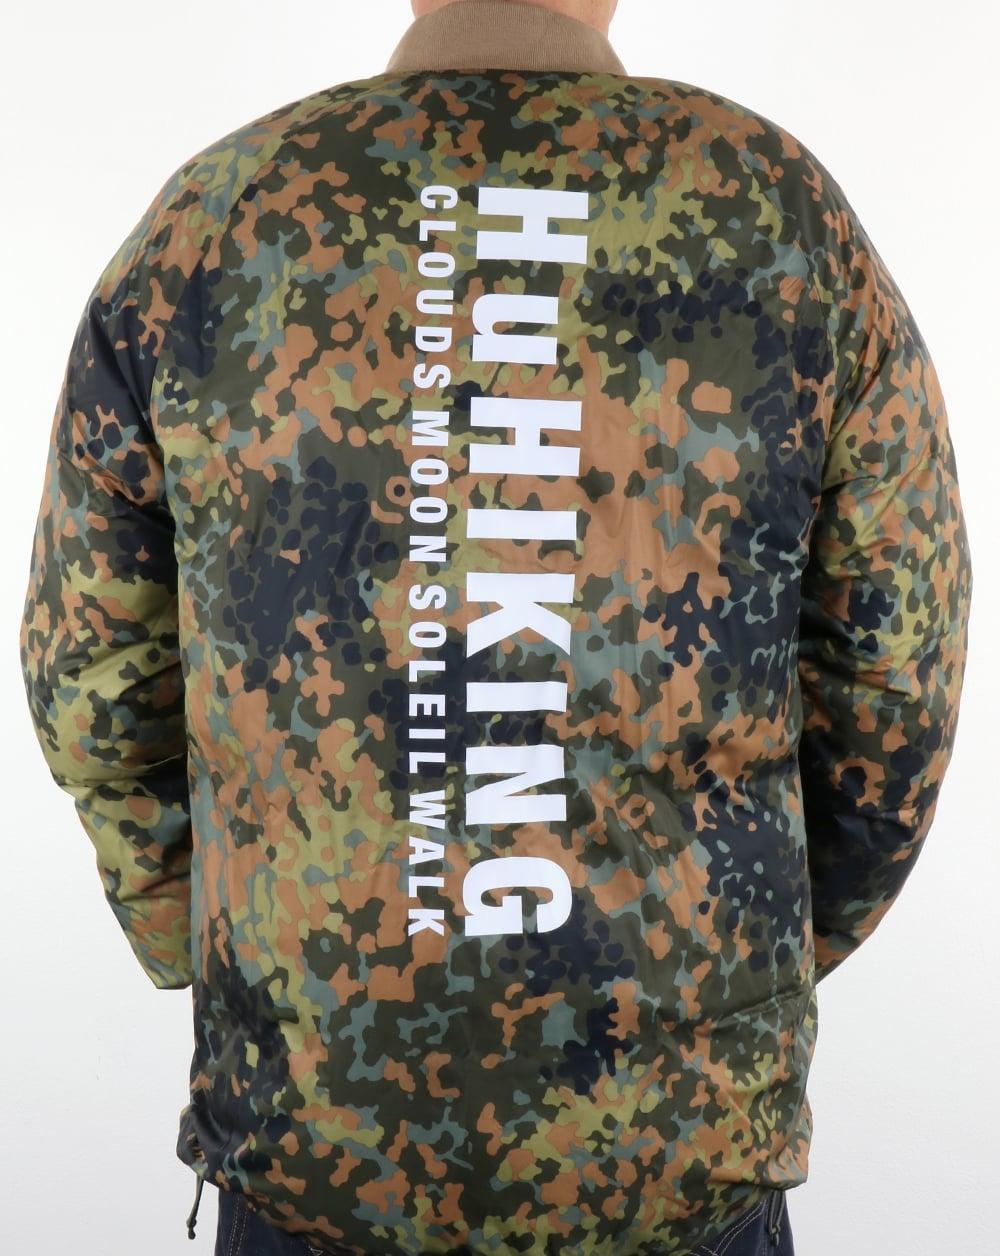 9a50e2228 Adidas Originals Pharrell Williams Hu Hiking SST Winter Jacket Camo